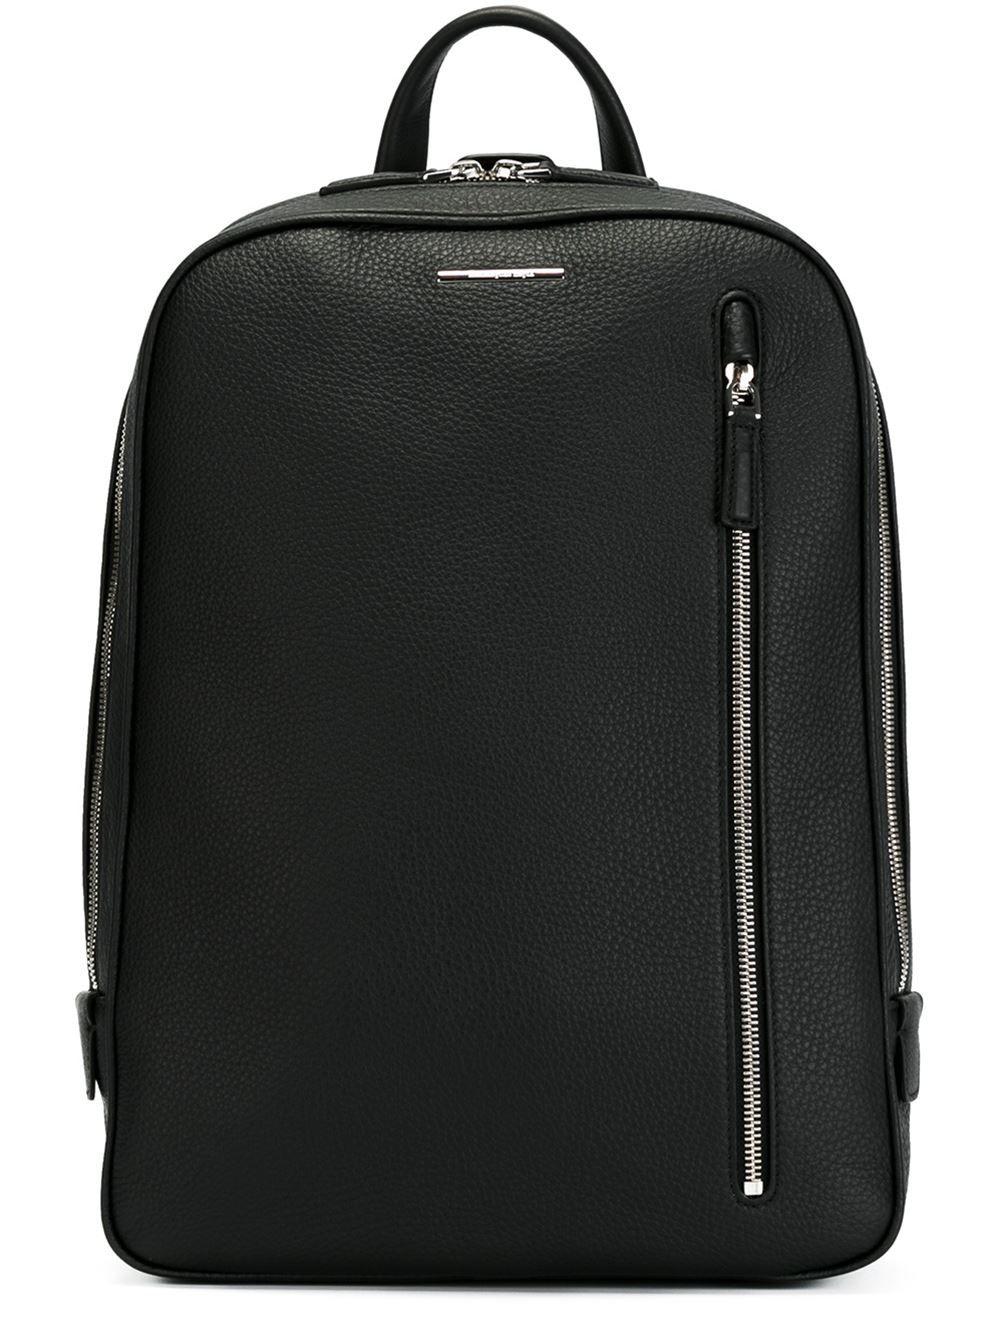 83ba6a46e7e6 Ermenegildo Zegna Zipped Pocket Backpack - Julian Fashion - Farfetch.com